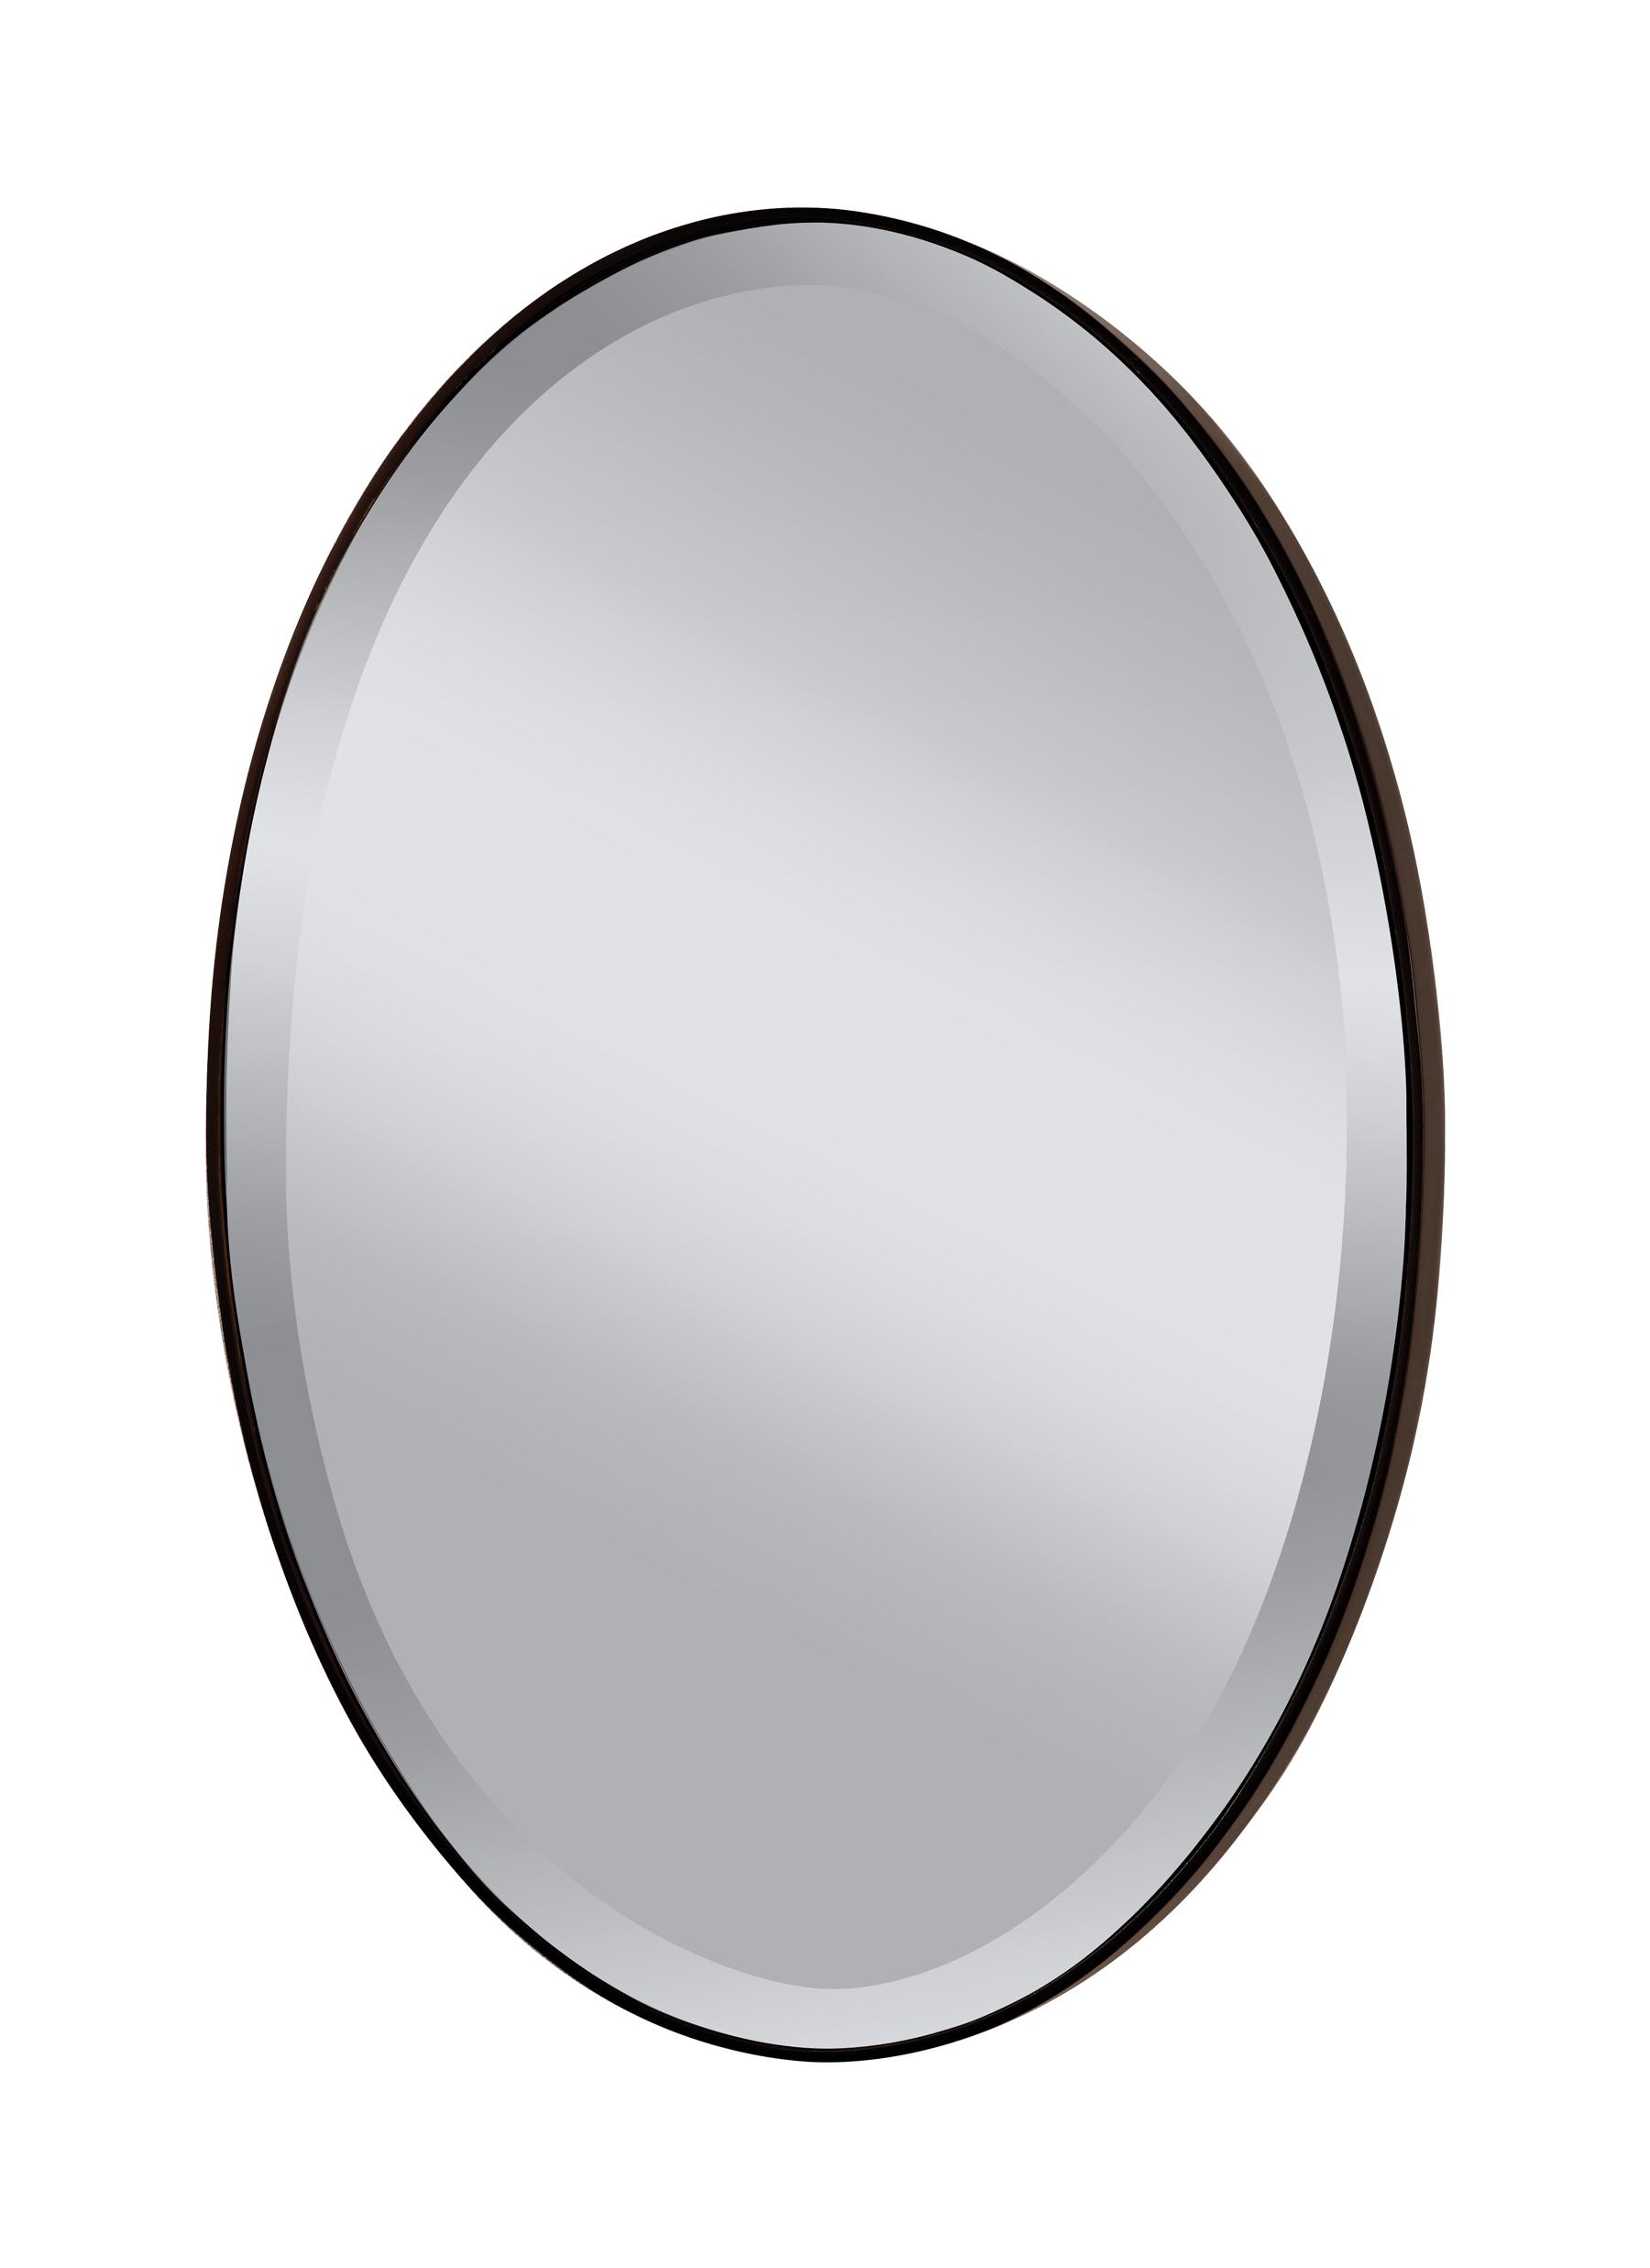 MR1126ORB,Oil Rubbed Bronze Mirror,Oil Rubbed Bronze